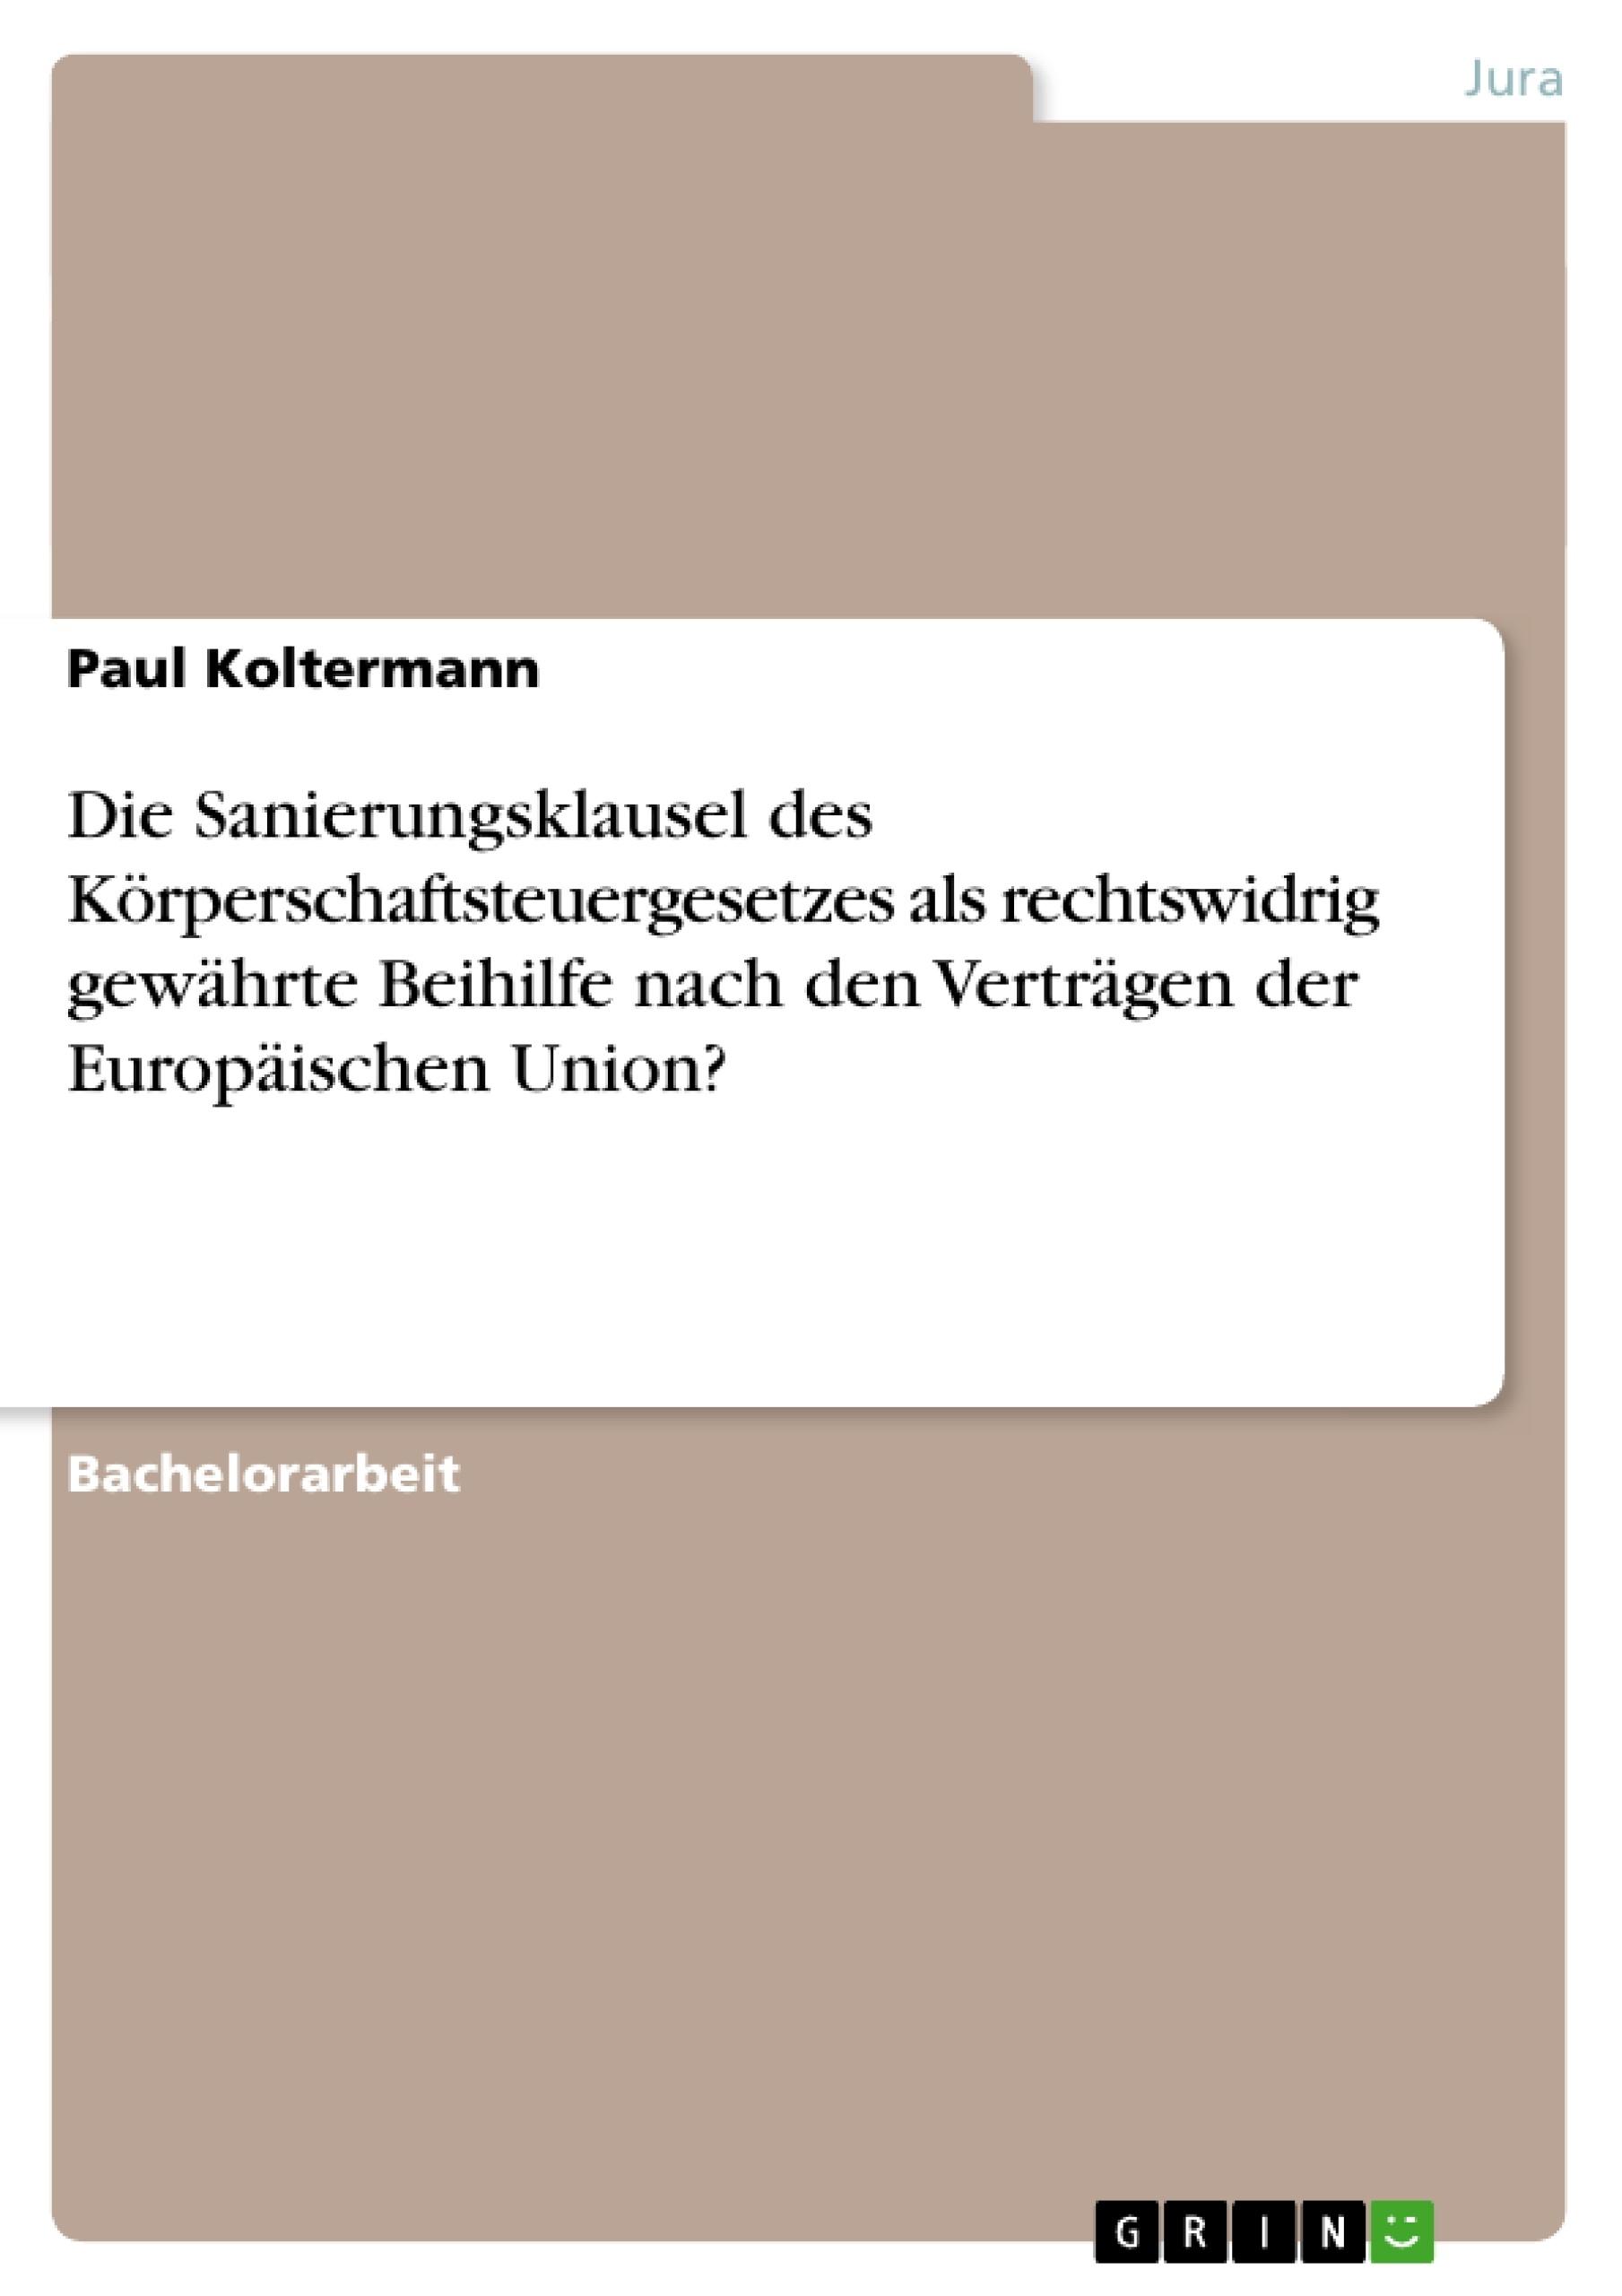 Titel: Die Sanierungsklausel des Körperschaftsteuergesetzes als rechtswidrig gewährte Beihilfe nach den Verträgen der Europäischen Union?